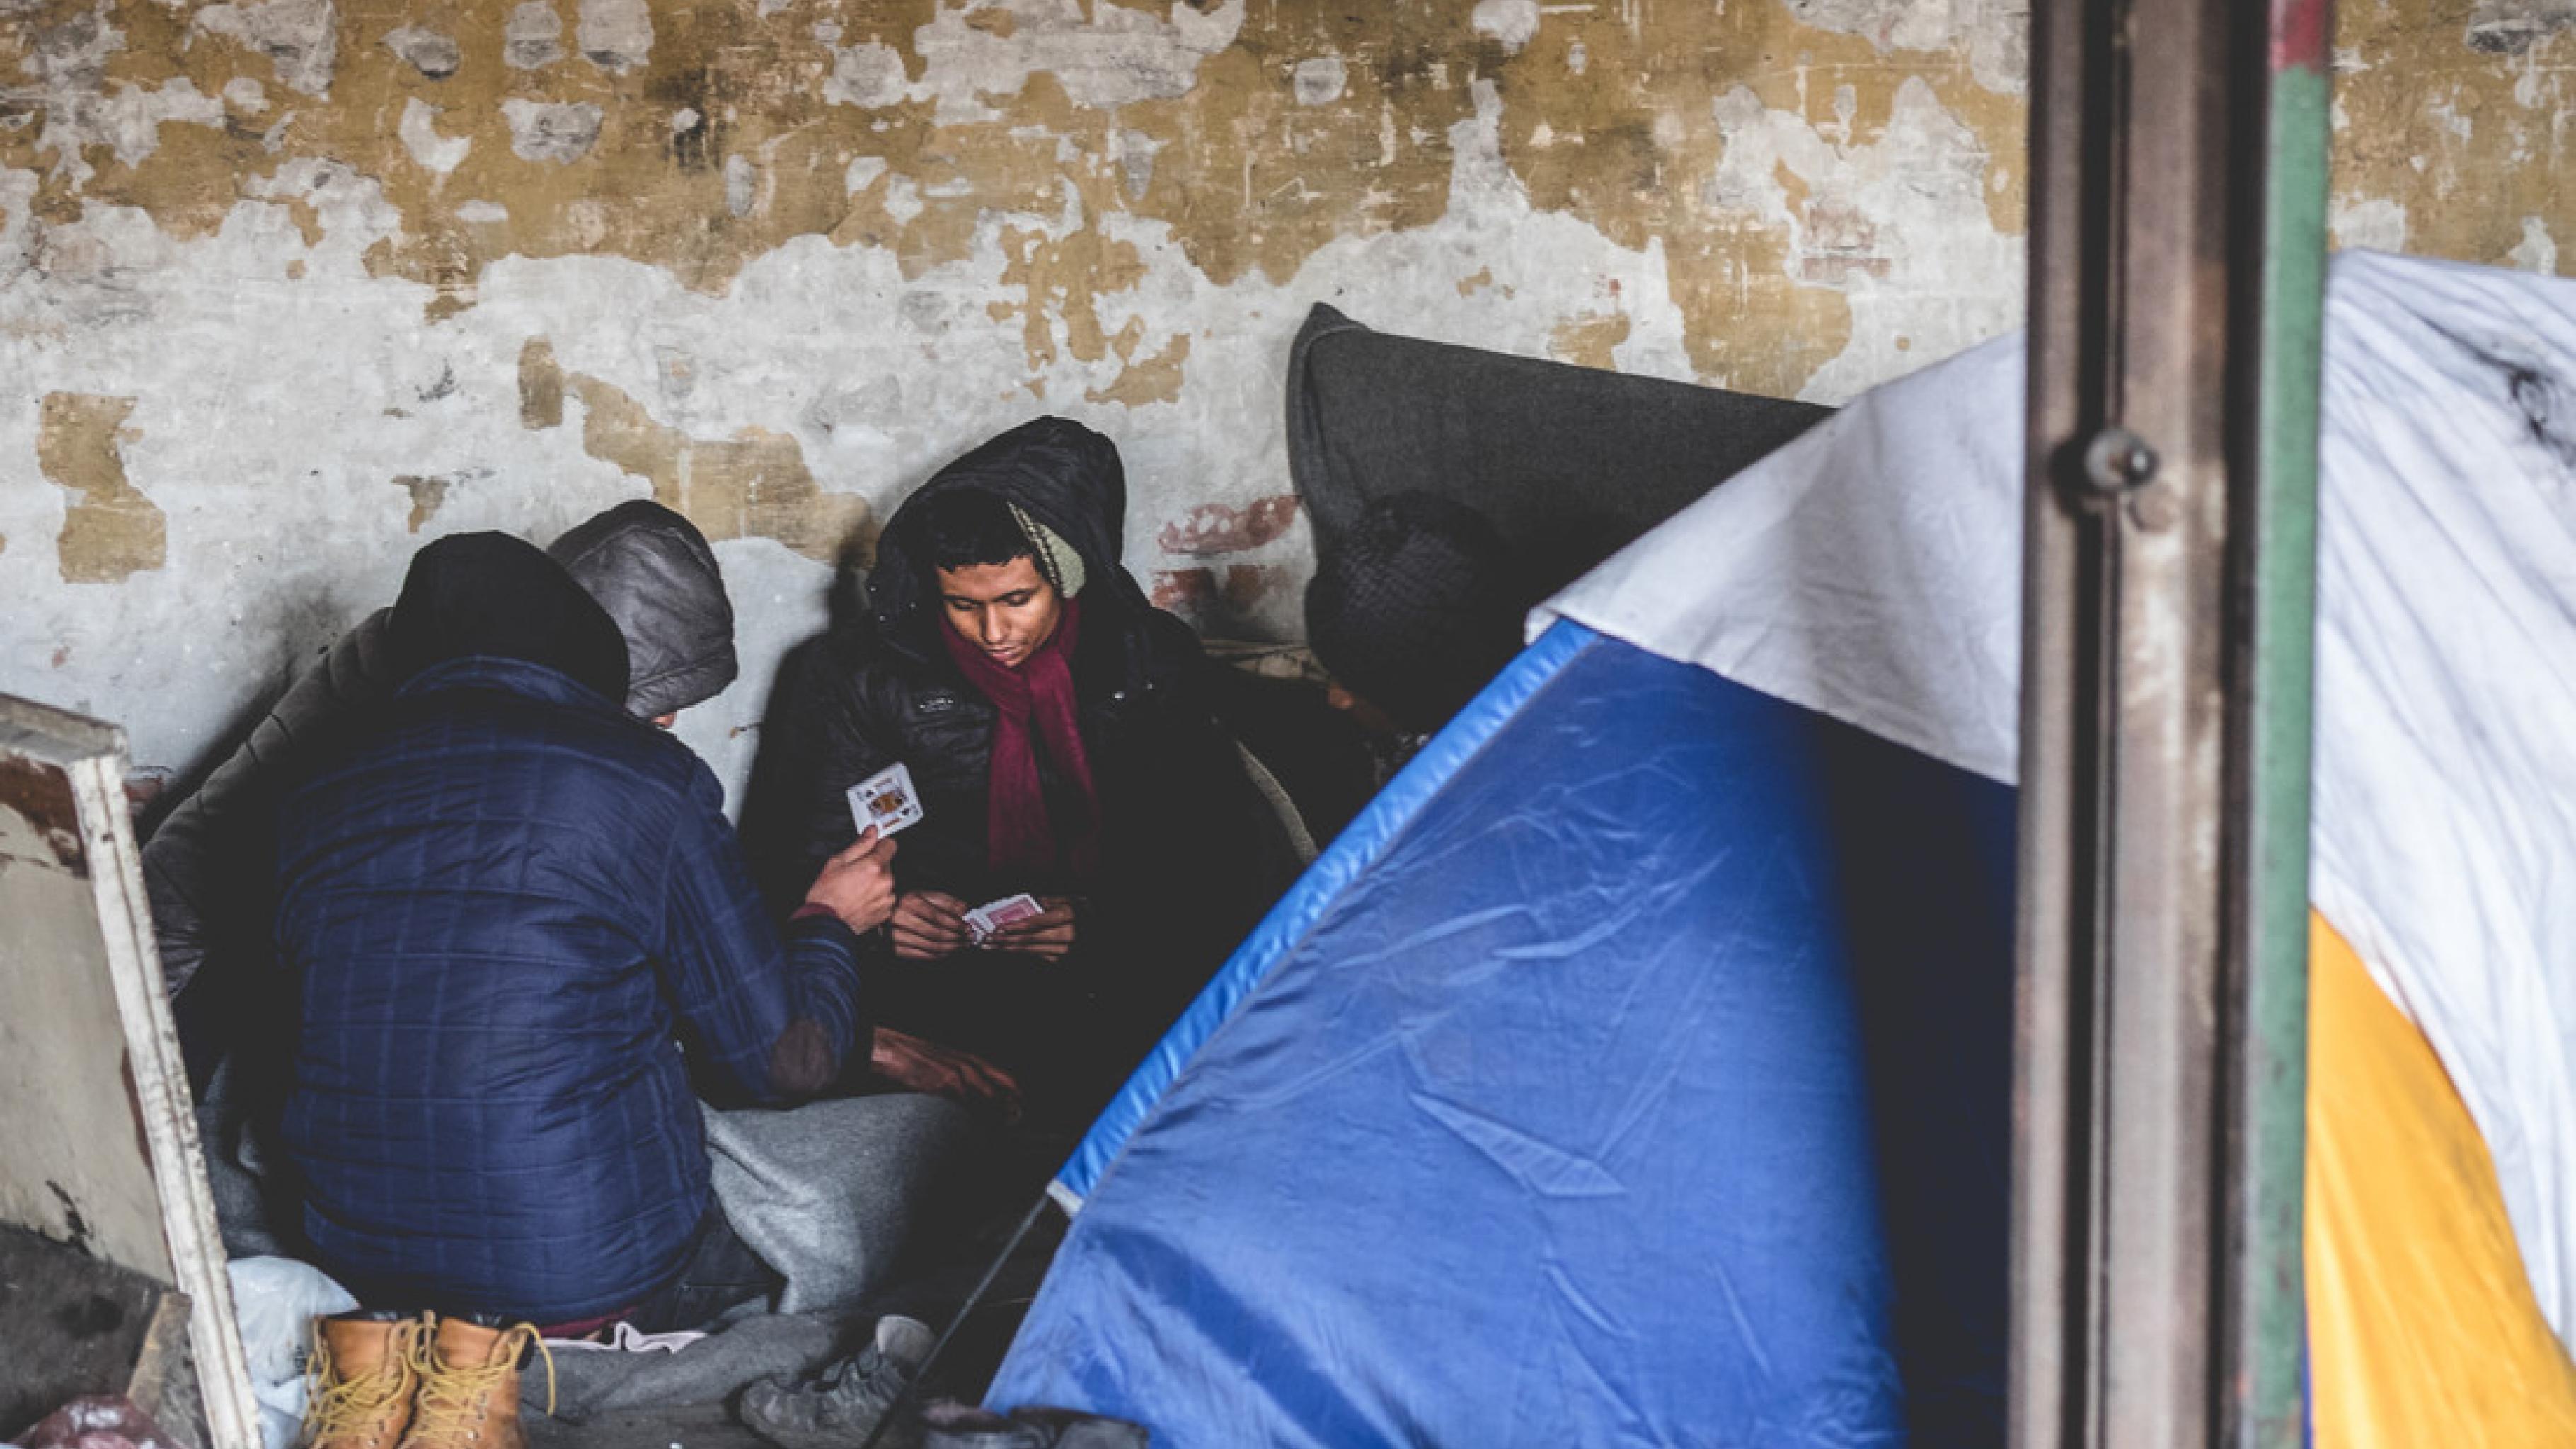 Bericht Balkan-Route: Menschen auf der Flucht spielen Karten in unzumutbaren Unterkünften